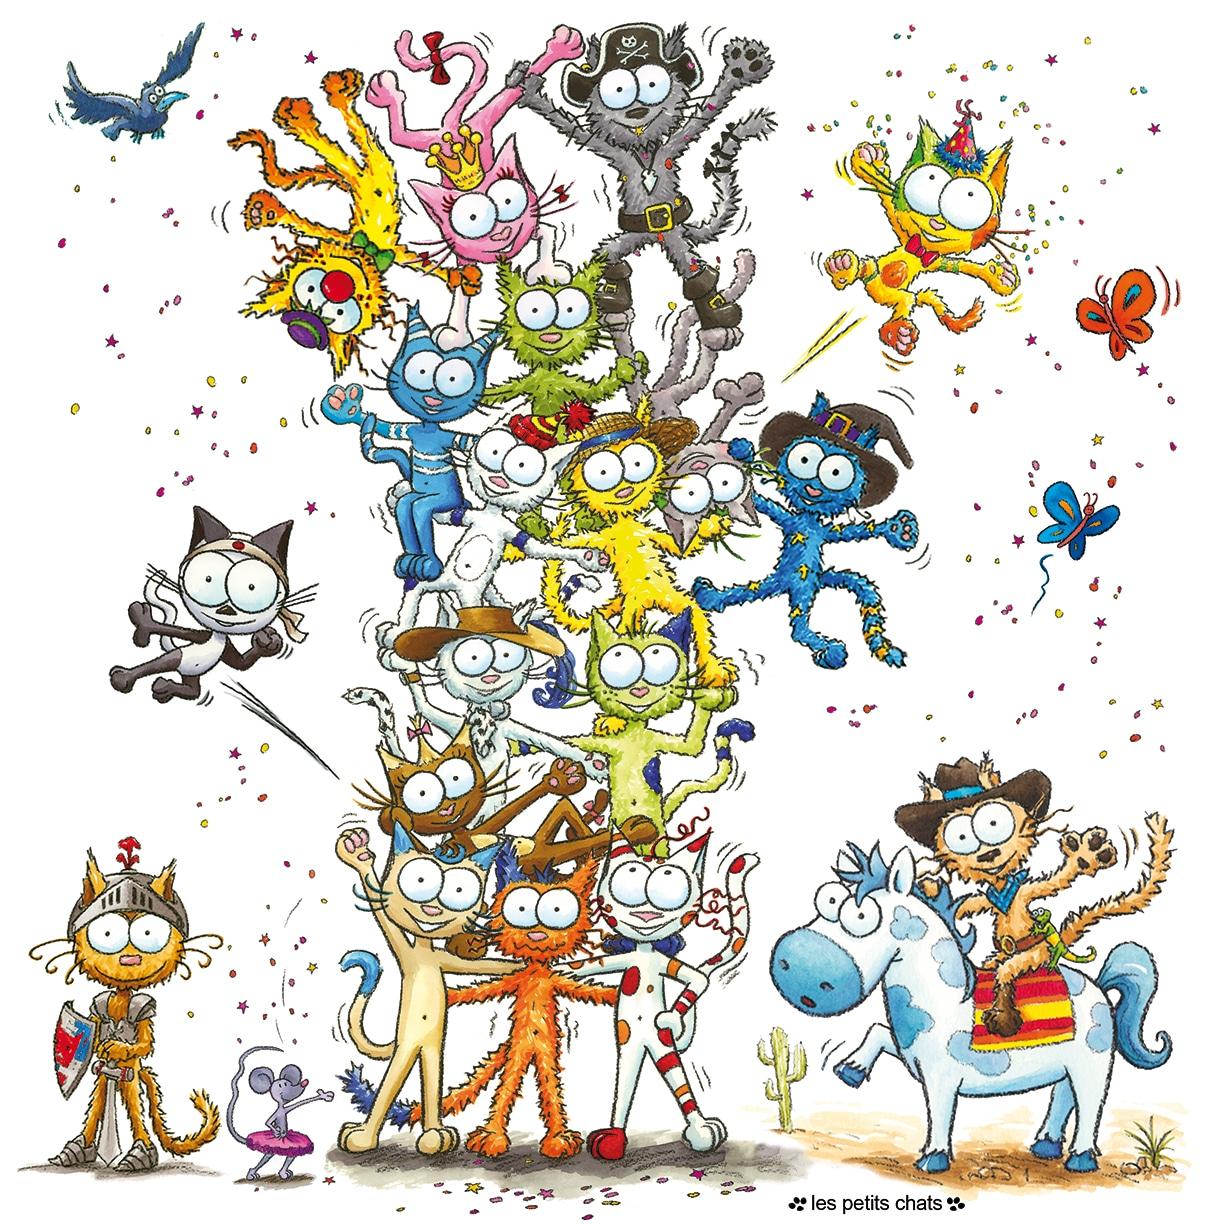 Les personnages de la série Les petits chats